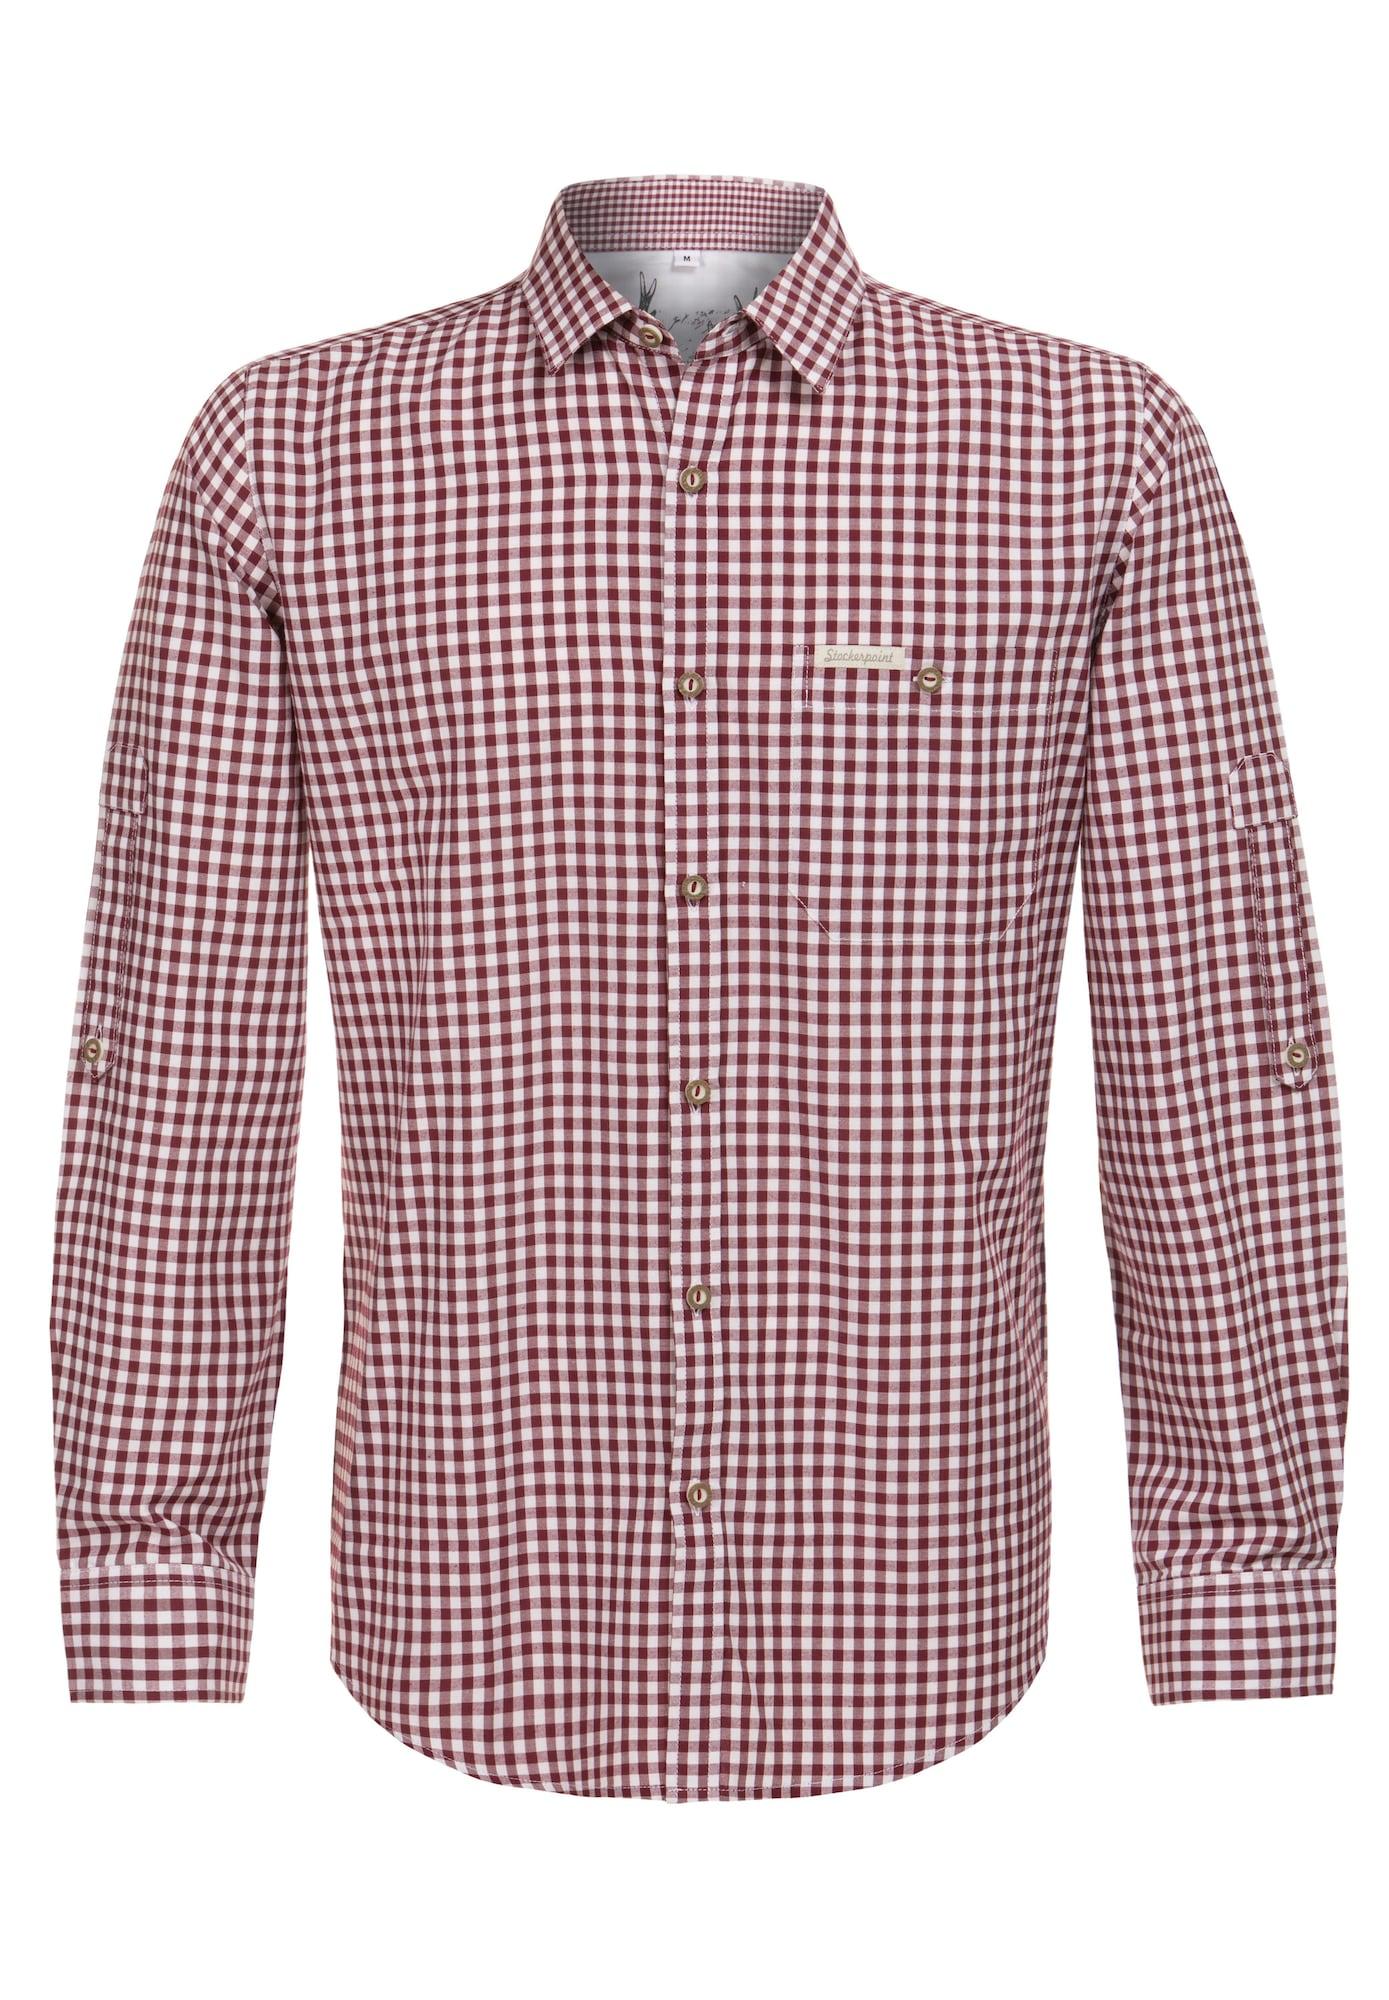 STOCKERPOINT Neliemenuoti marškiniai 'Campos3' balta / vyšninė spalva